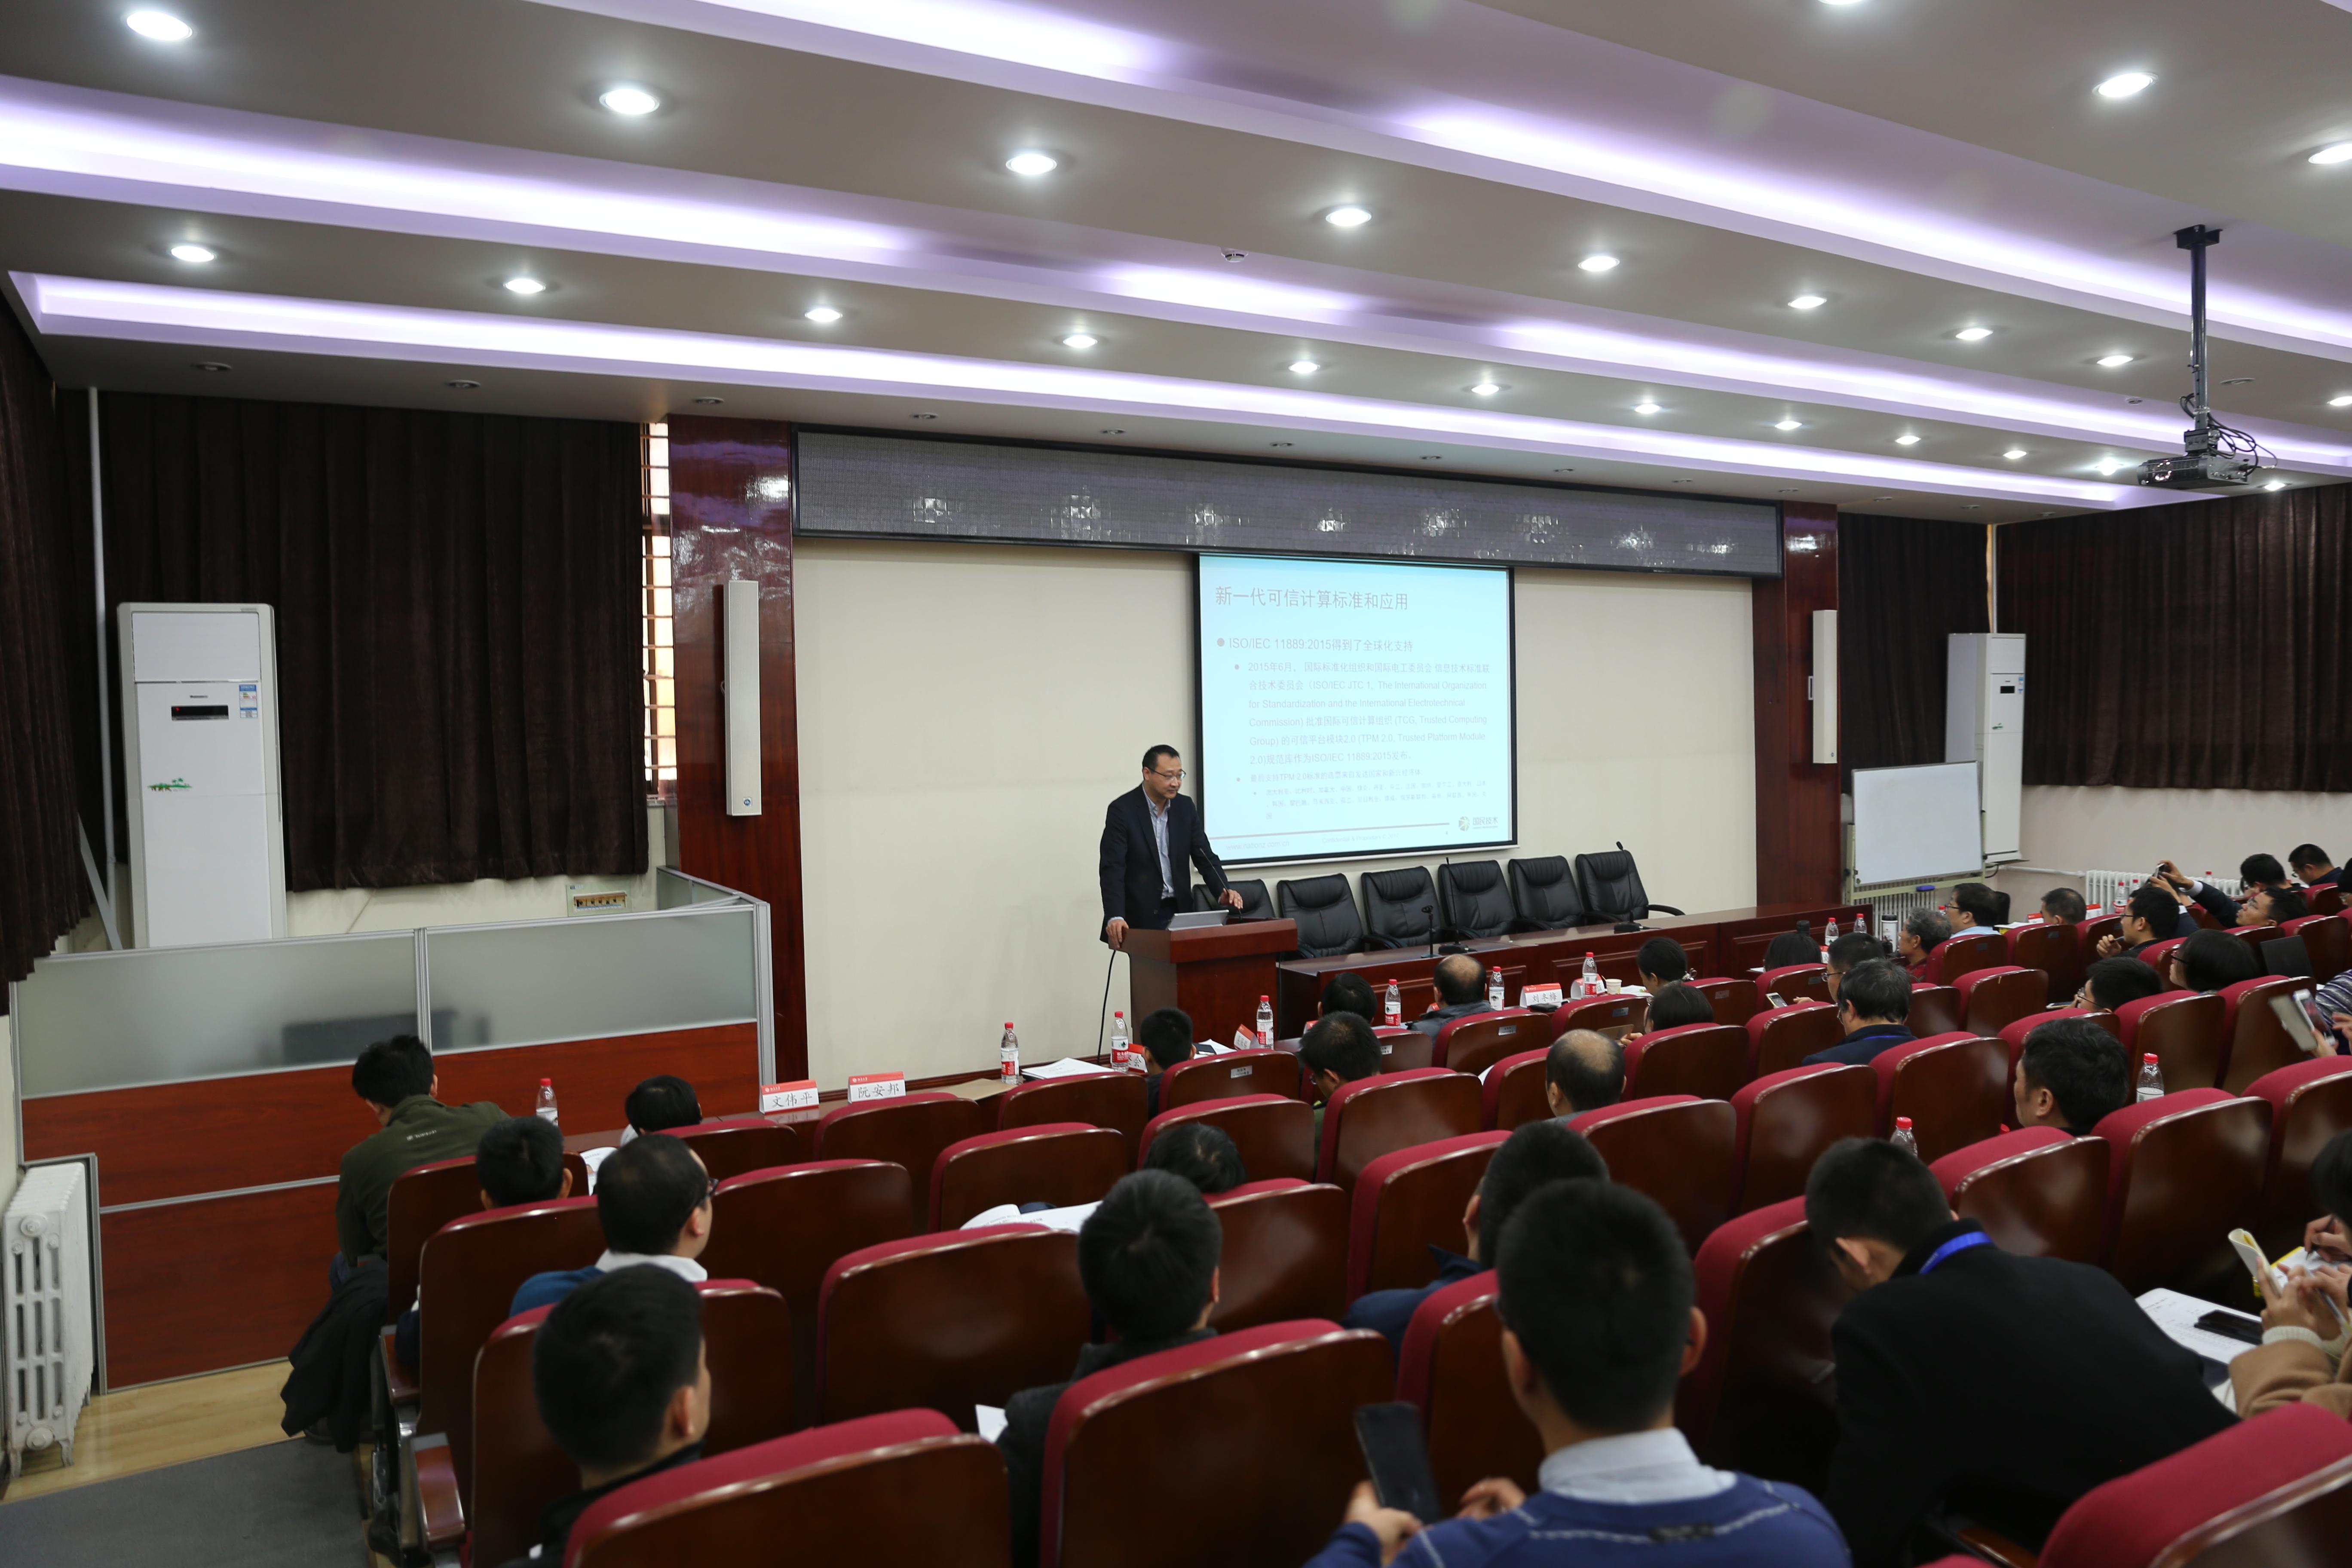 国民技术有限公司刘鑫总监作主题为《新一代可信计算模块》的报告